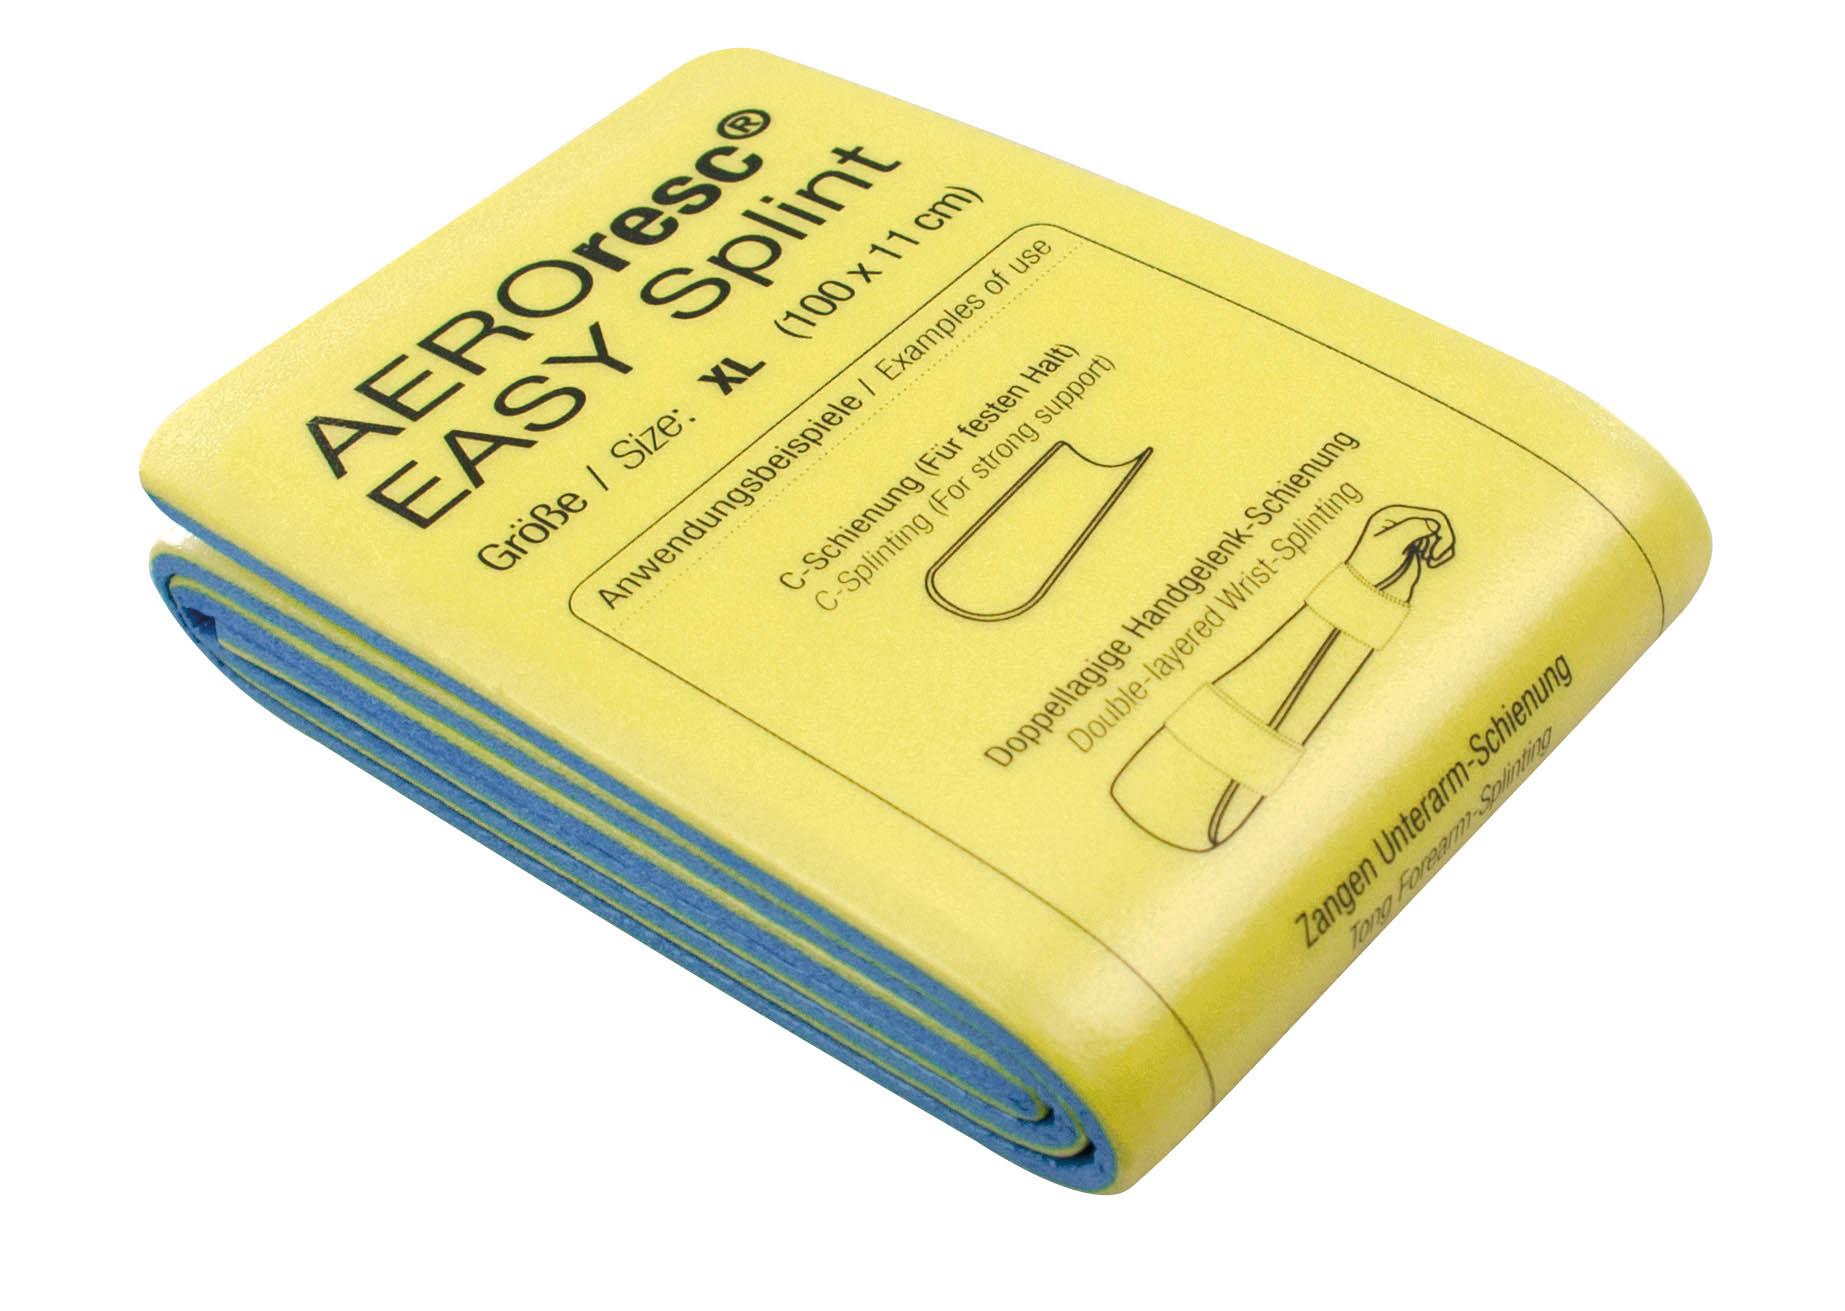 Easy Splint Universalschiene - Größe XL, gefaltet